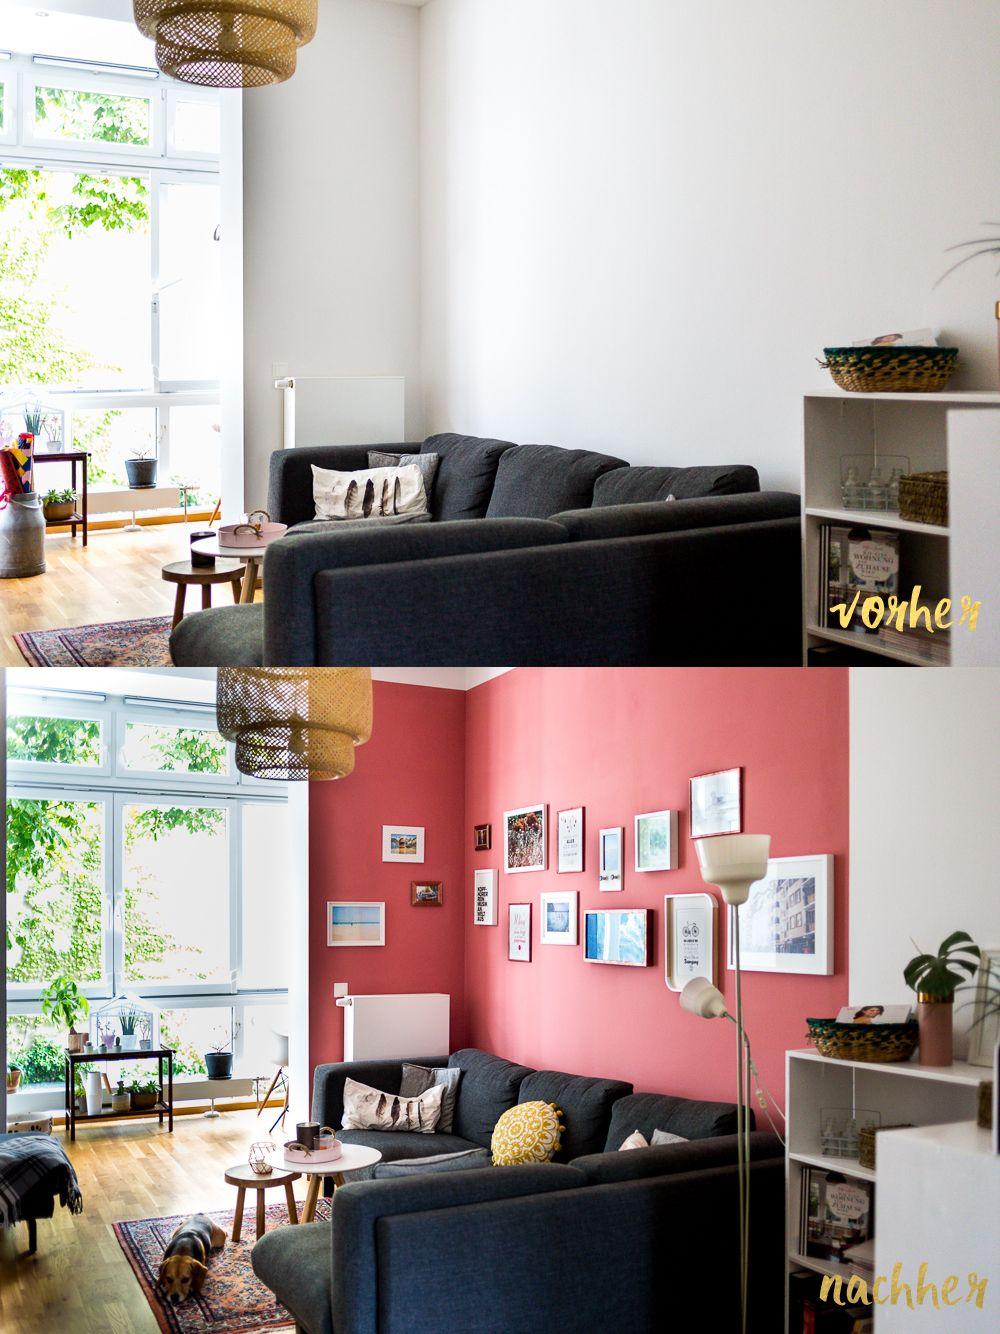 projekt traumwohnung 2 0 endlich farbe an den w nden mit sch ner wohnen farbe bilderwand. Black Bedroom Furniture Sets. Home Design Ideas